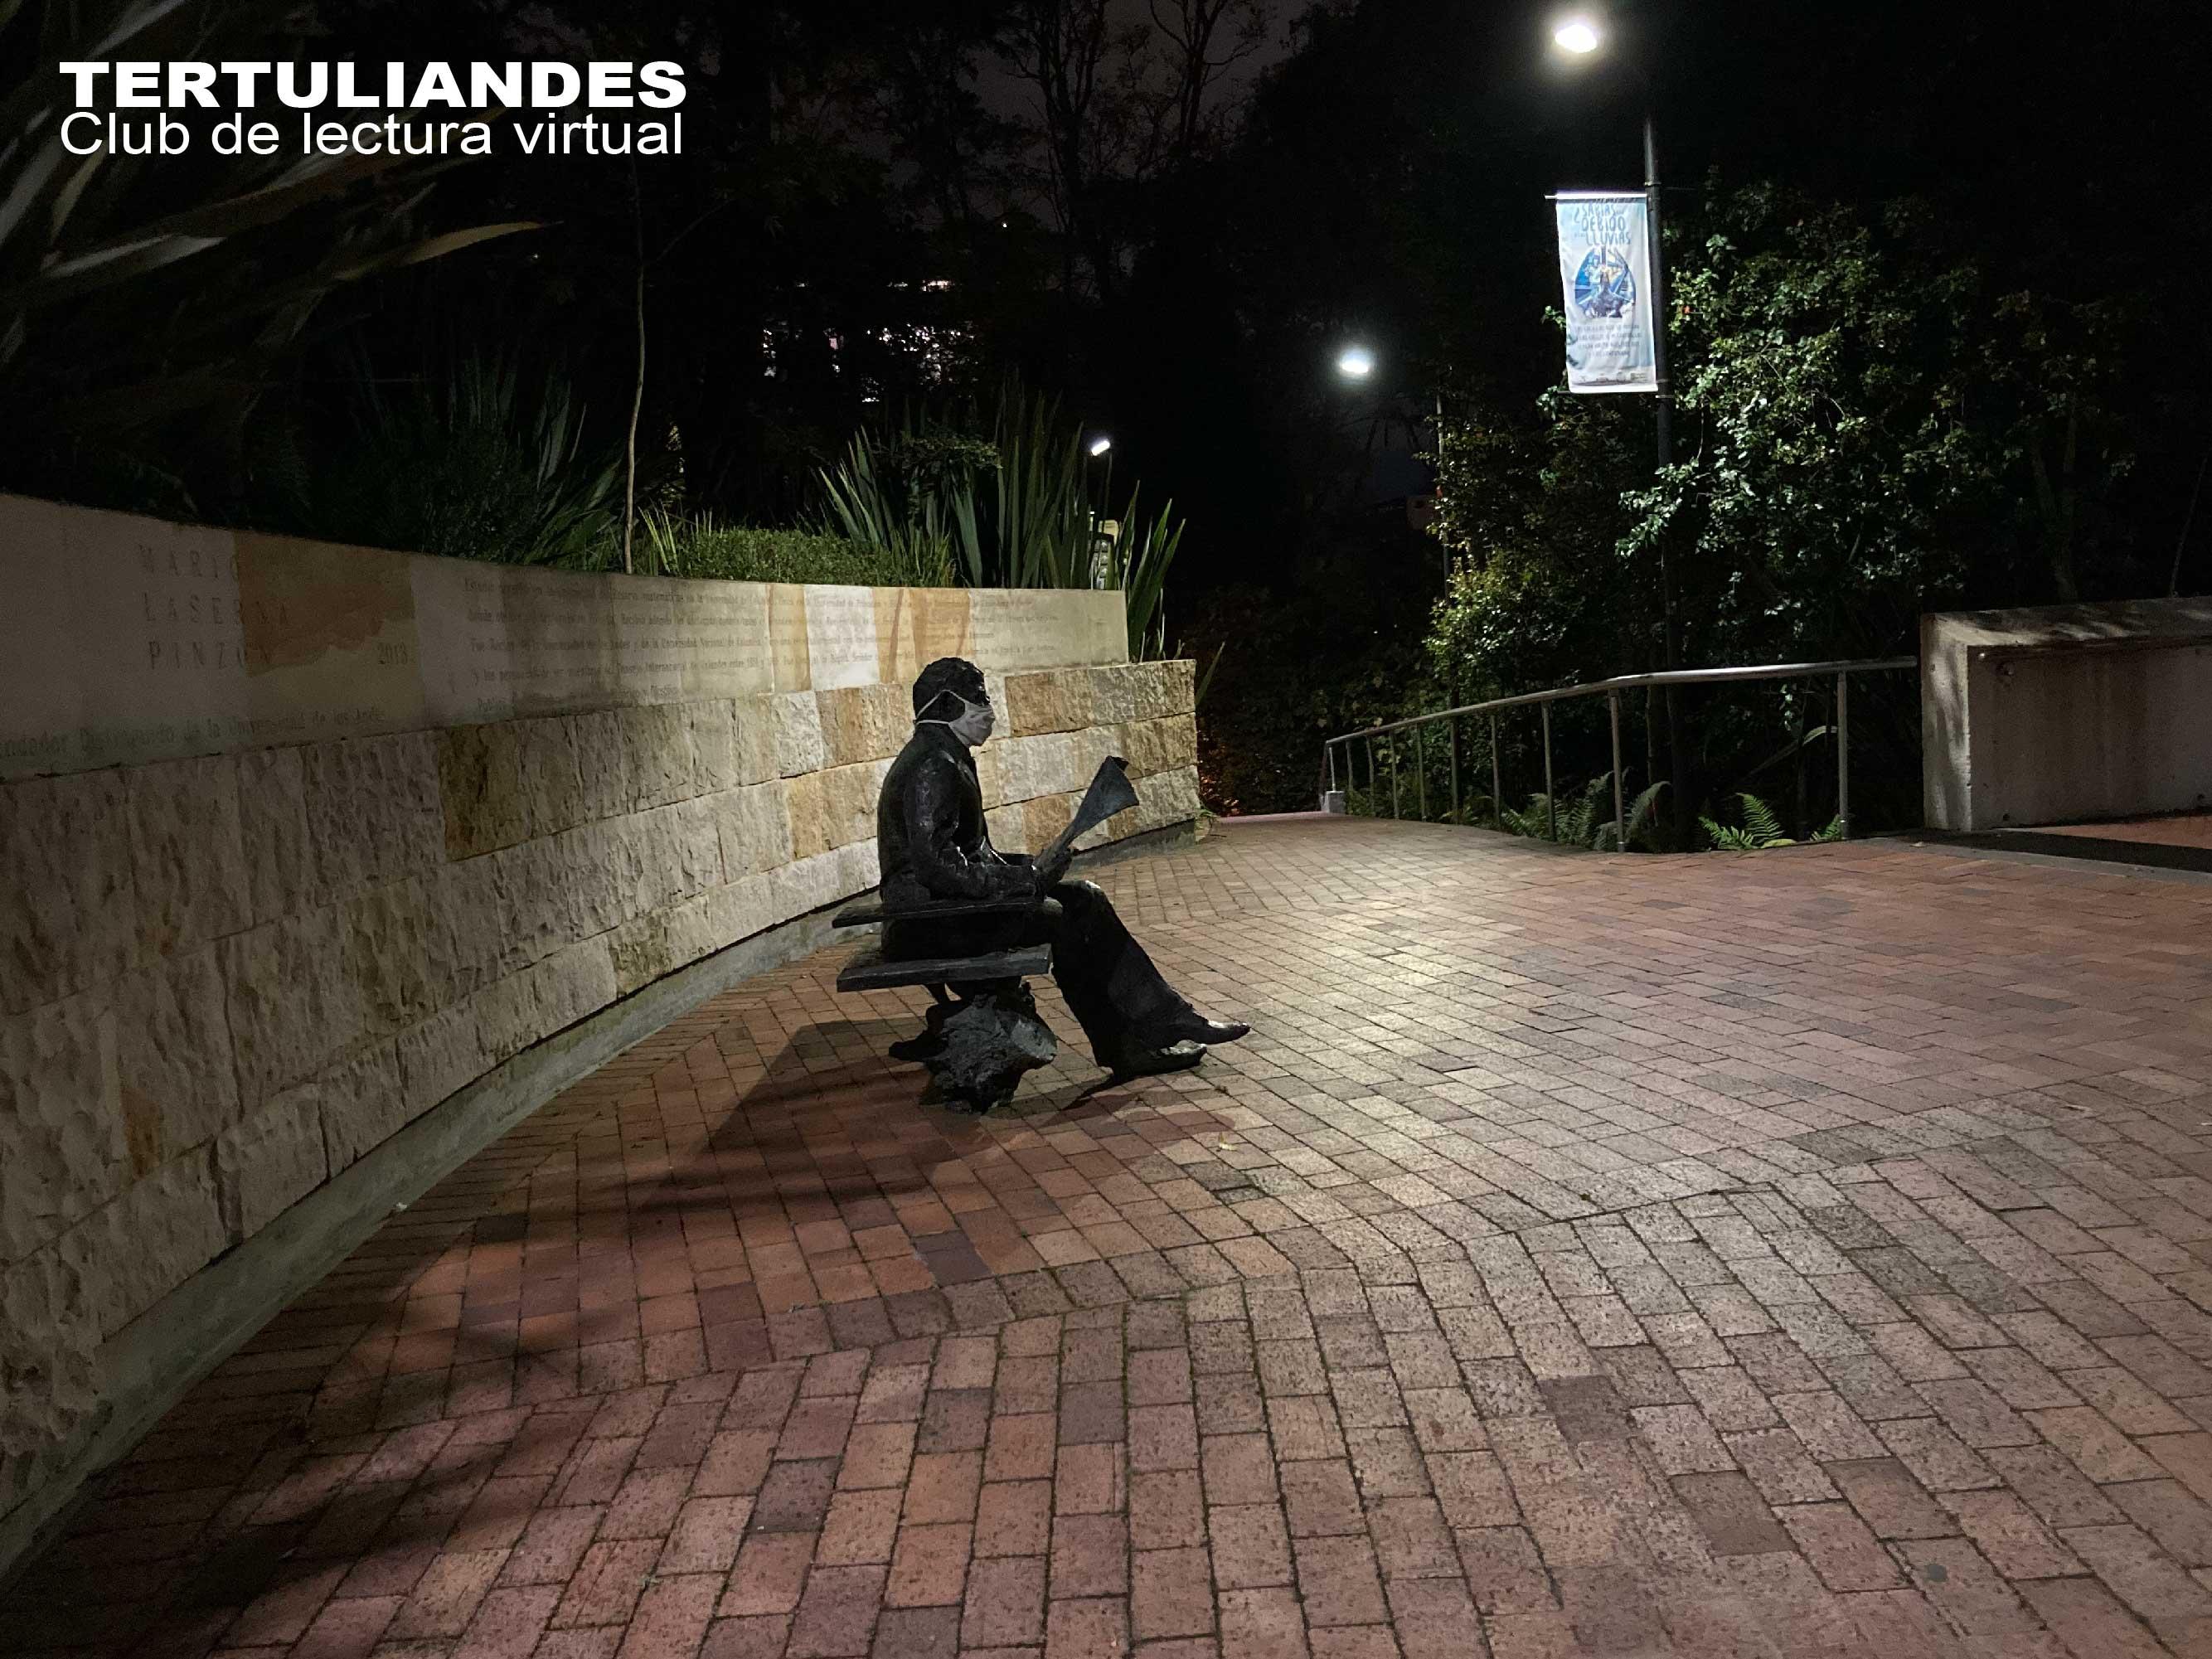 Tertuliandes: Séneca divulga: Carlos Guarnizo | Uniandes